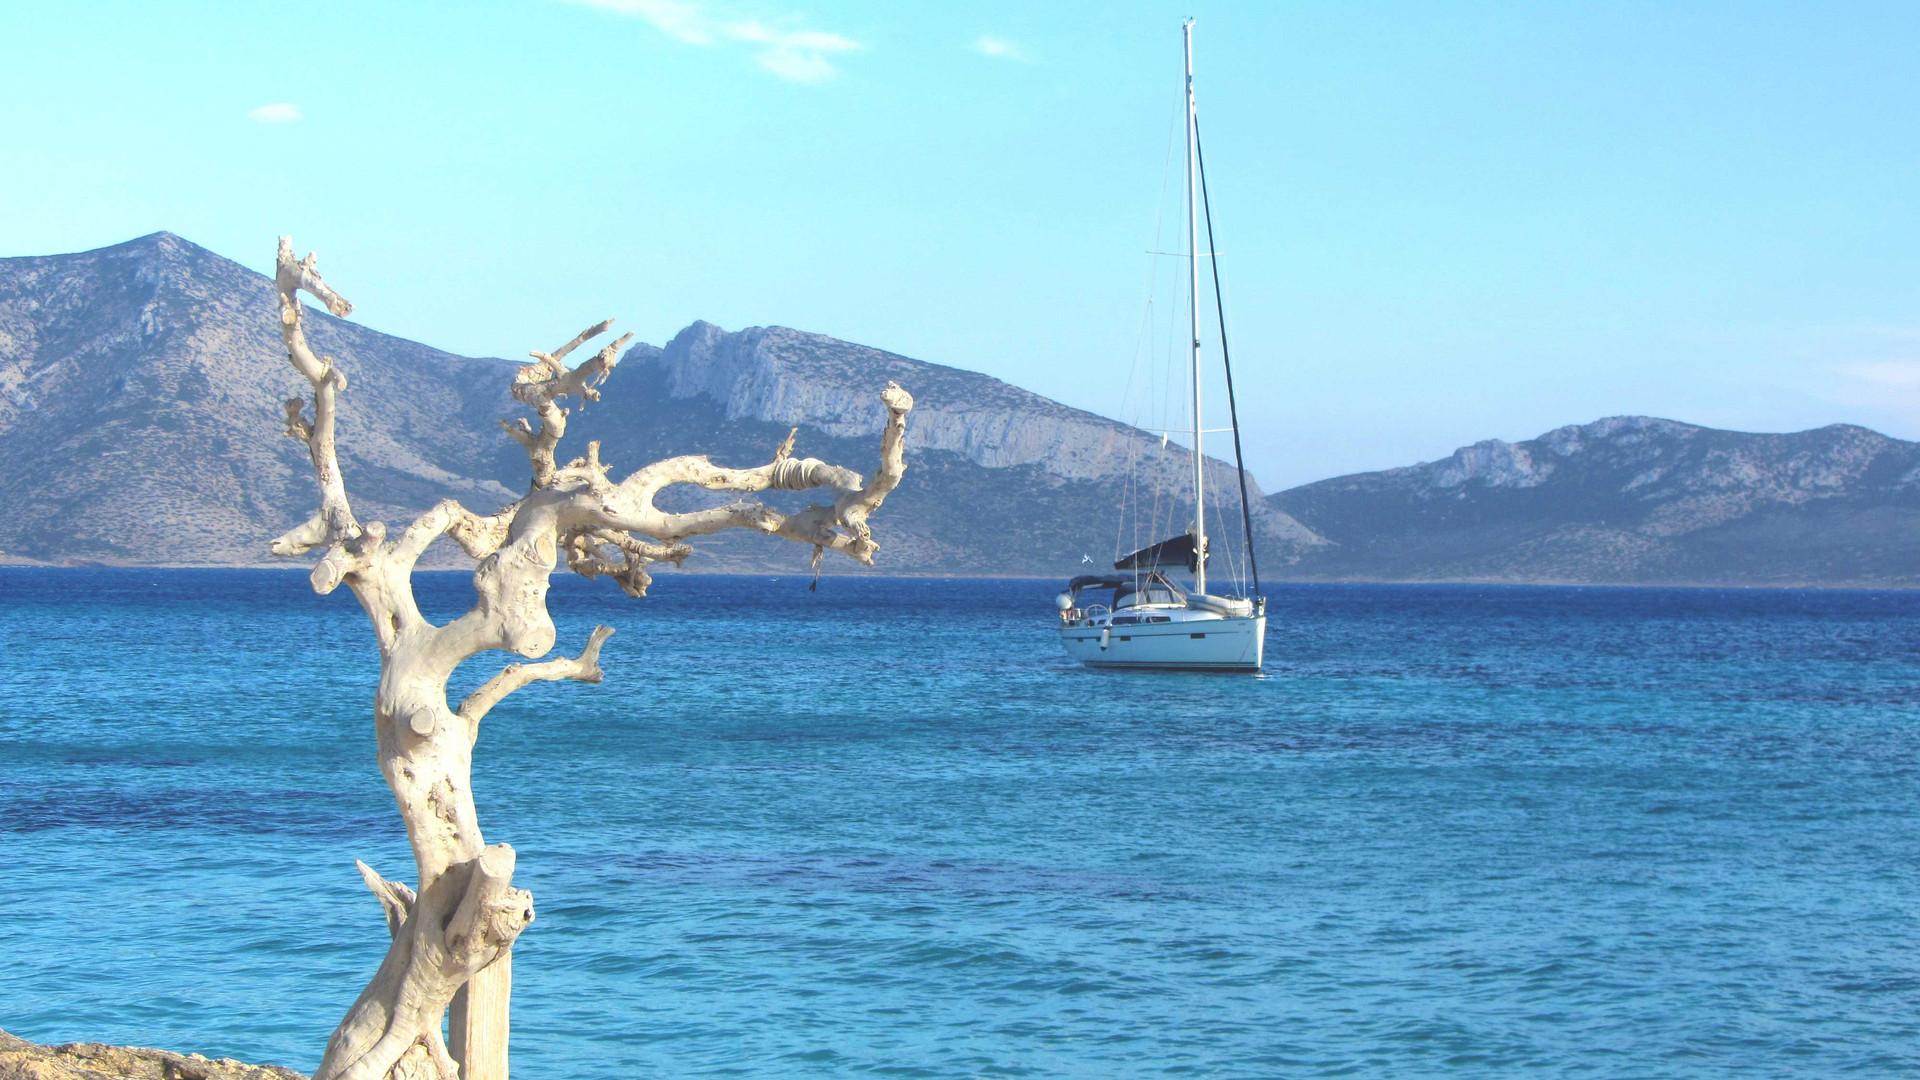 sailboat-persp-natural.jpg